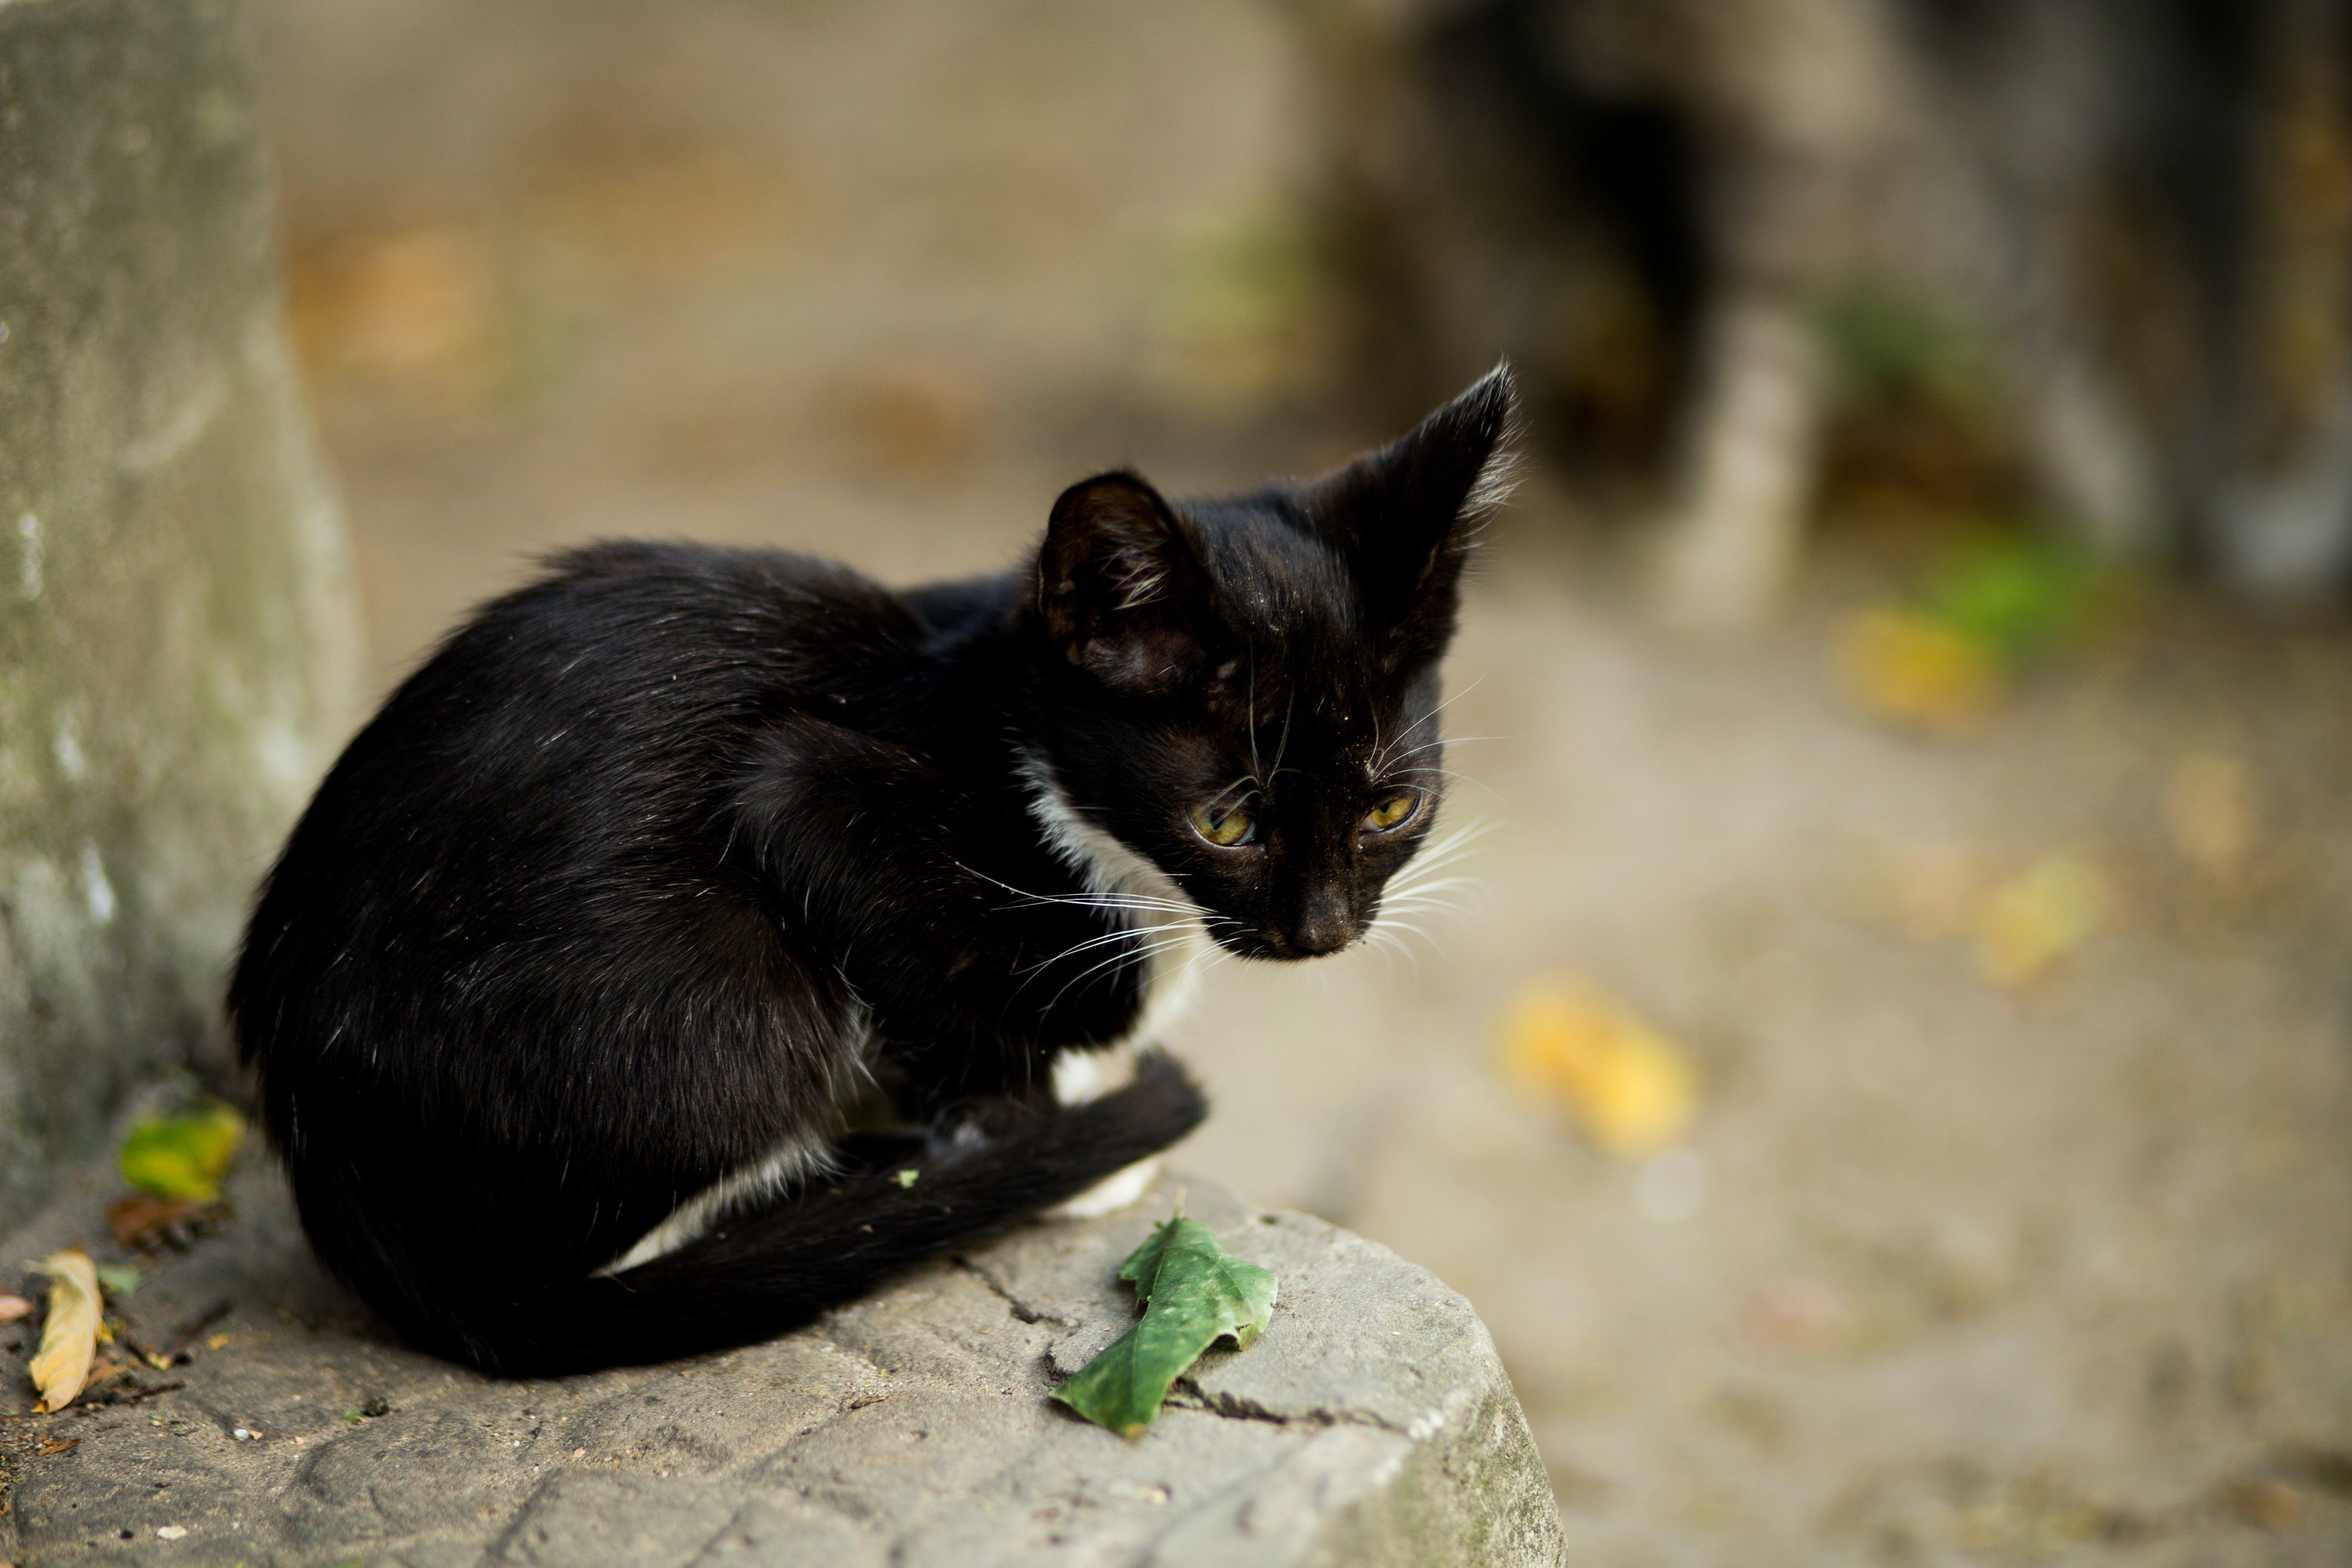 ひげ, ネコ, ペット, 動物の無料の写真素材